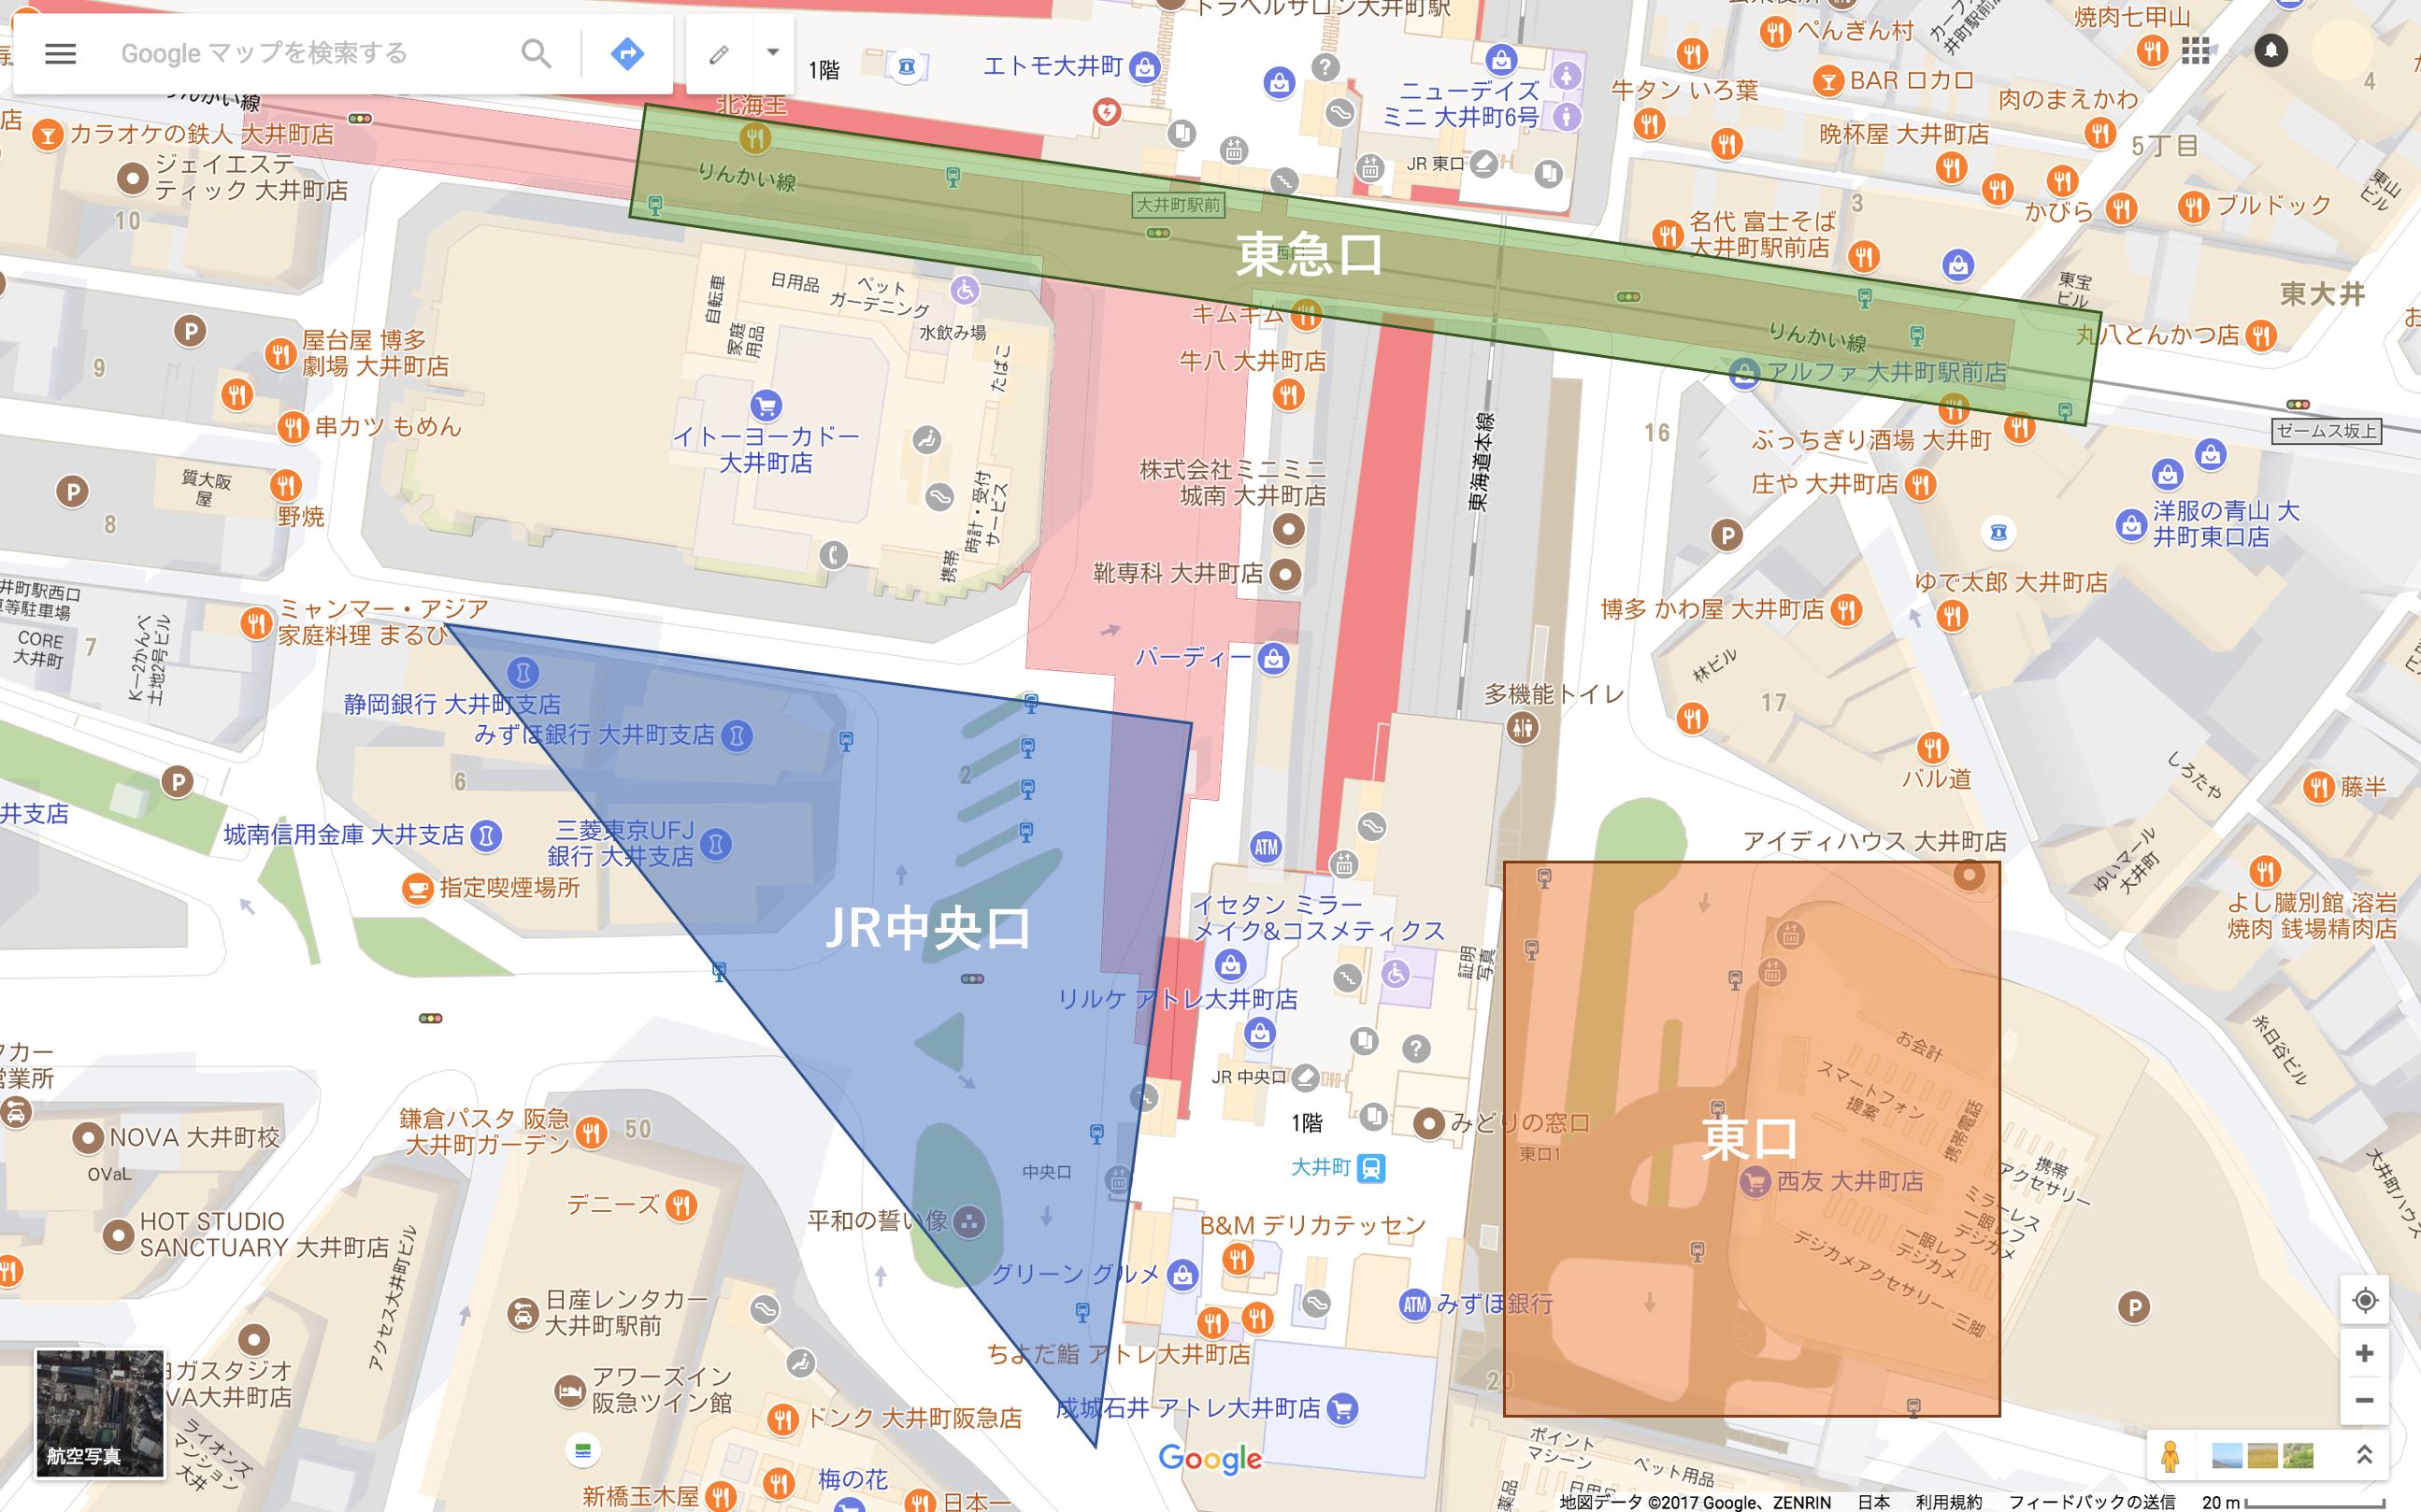 大井町駅_バスターミナル・バス停